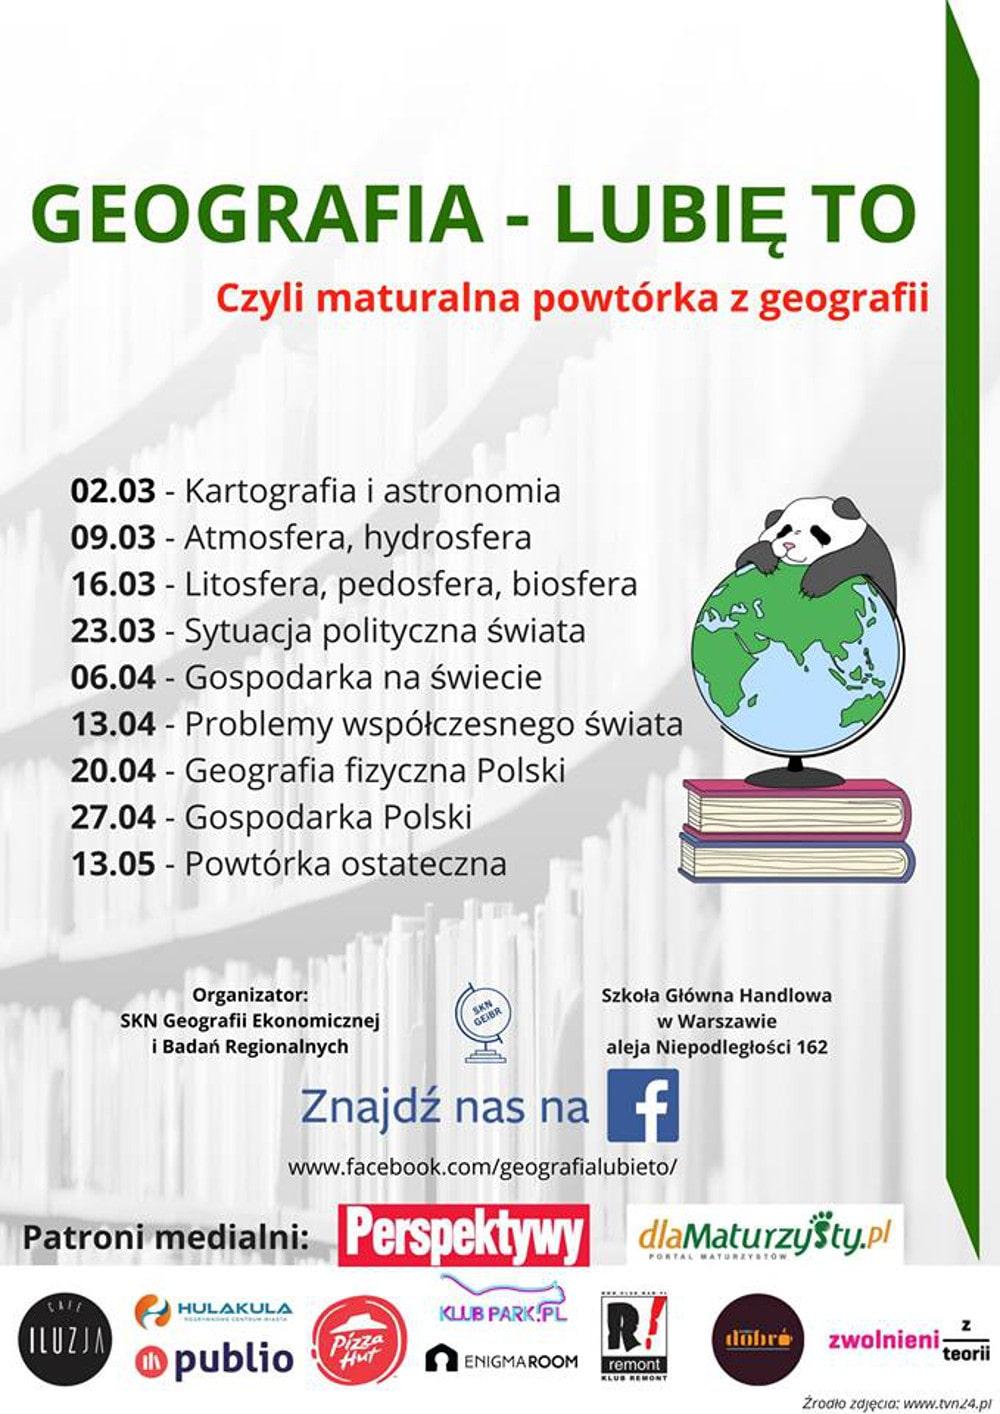 Inicjatywa skierowana jest do wszystkich maturzystów w Warszawie.